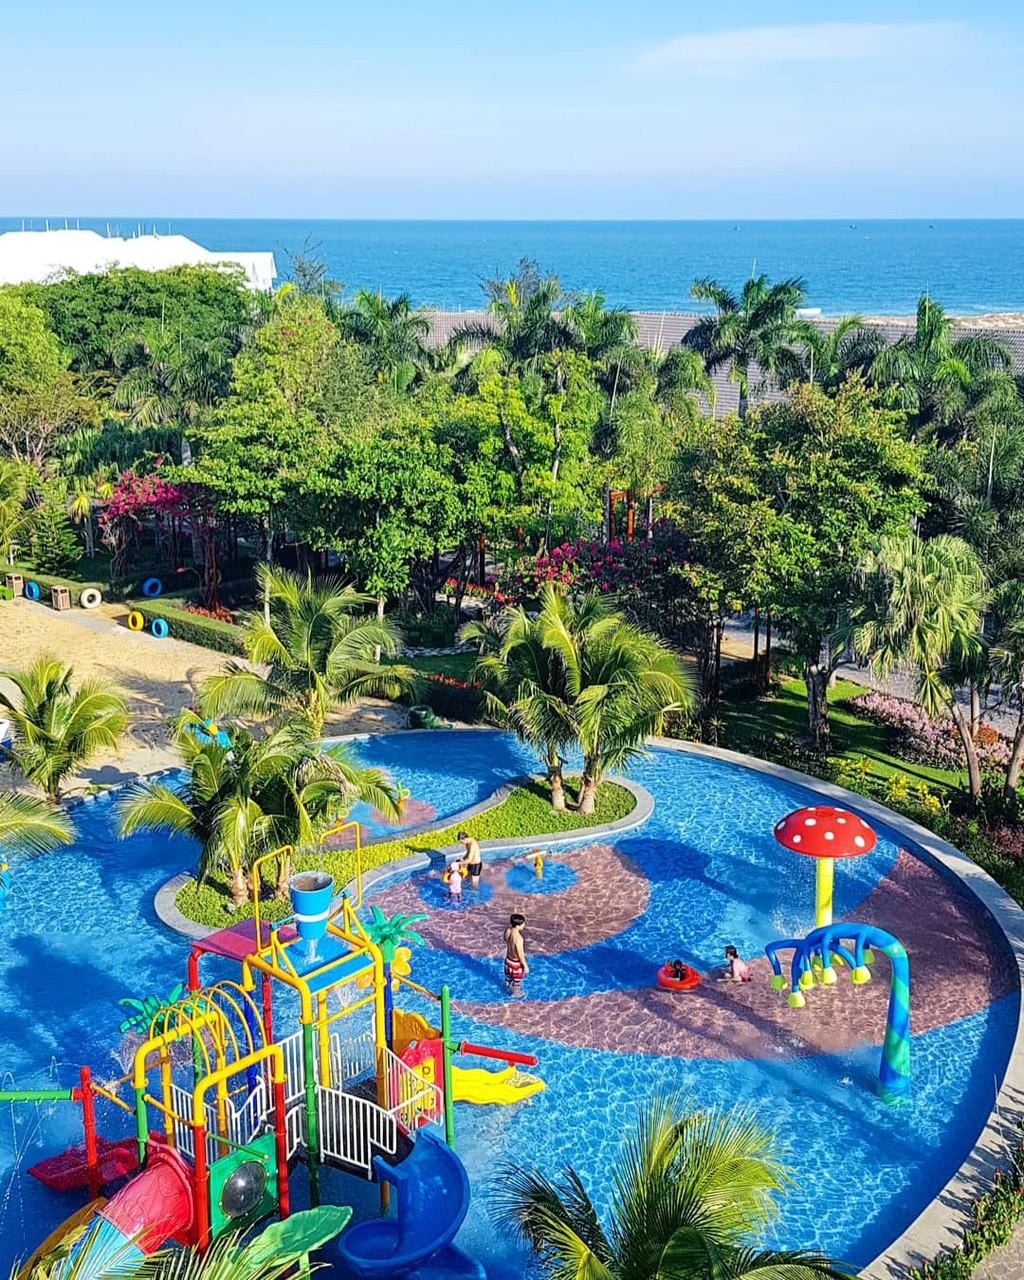 Carmelina - Khu vườn nhiệt đới bên bờ biển - ảnh 2